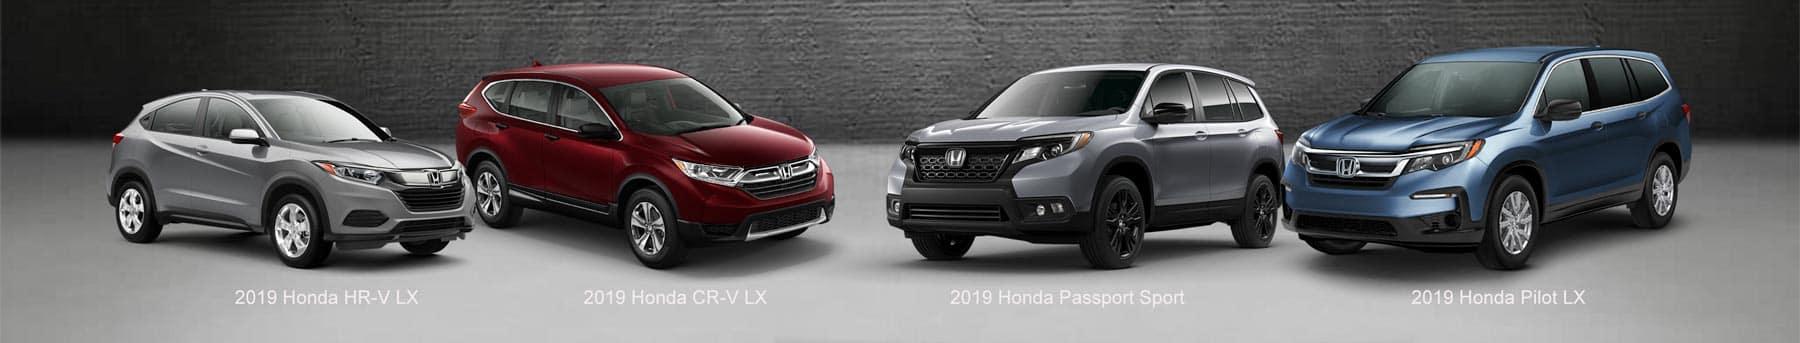 Honda SUV Comparison 2019